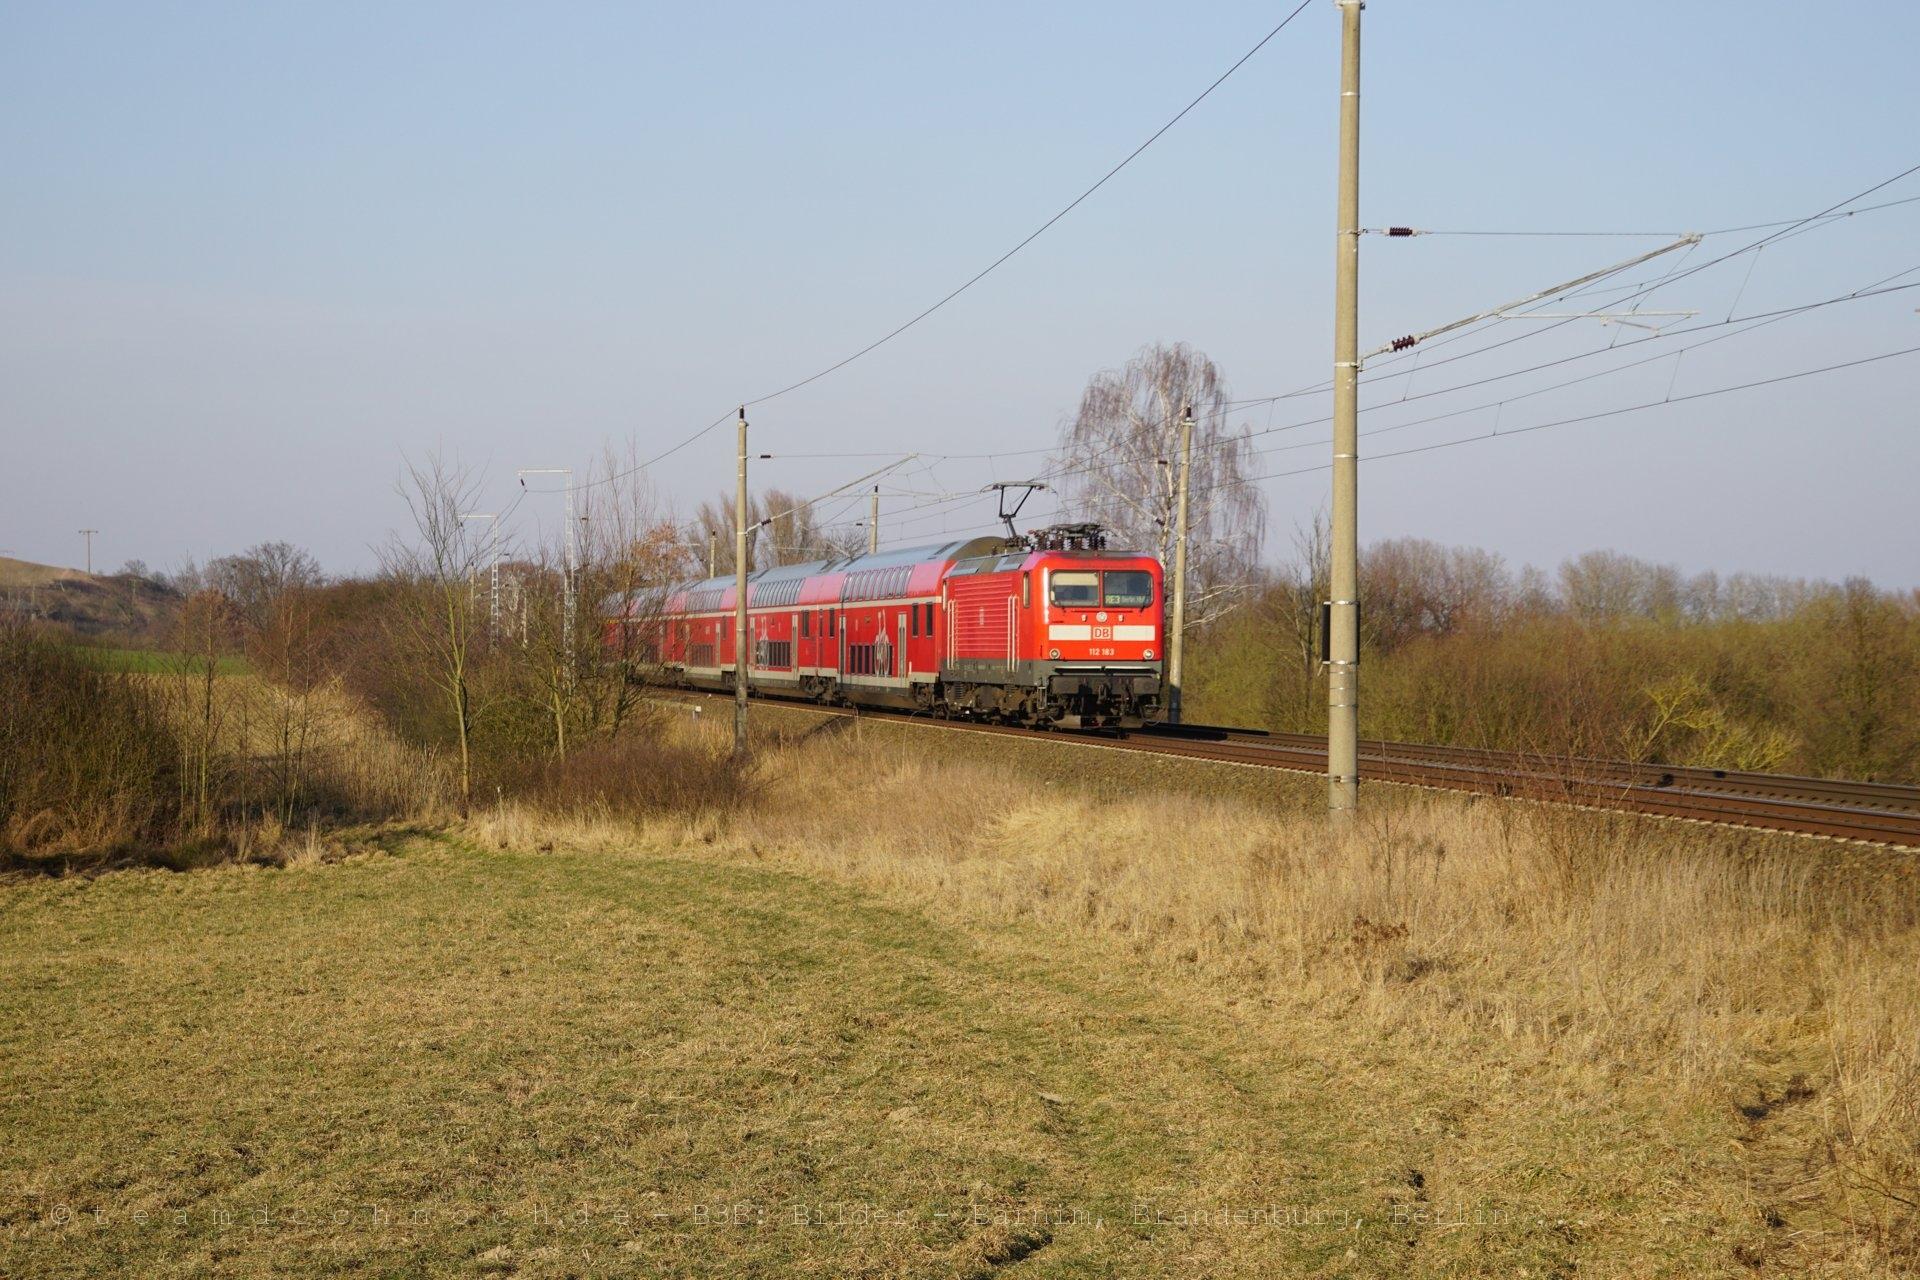 RE3 mit 112 183 südlich von Angermünde